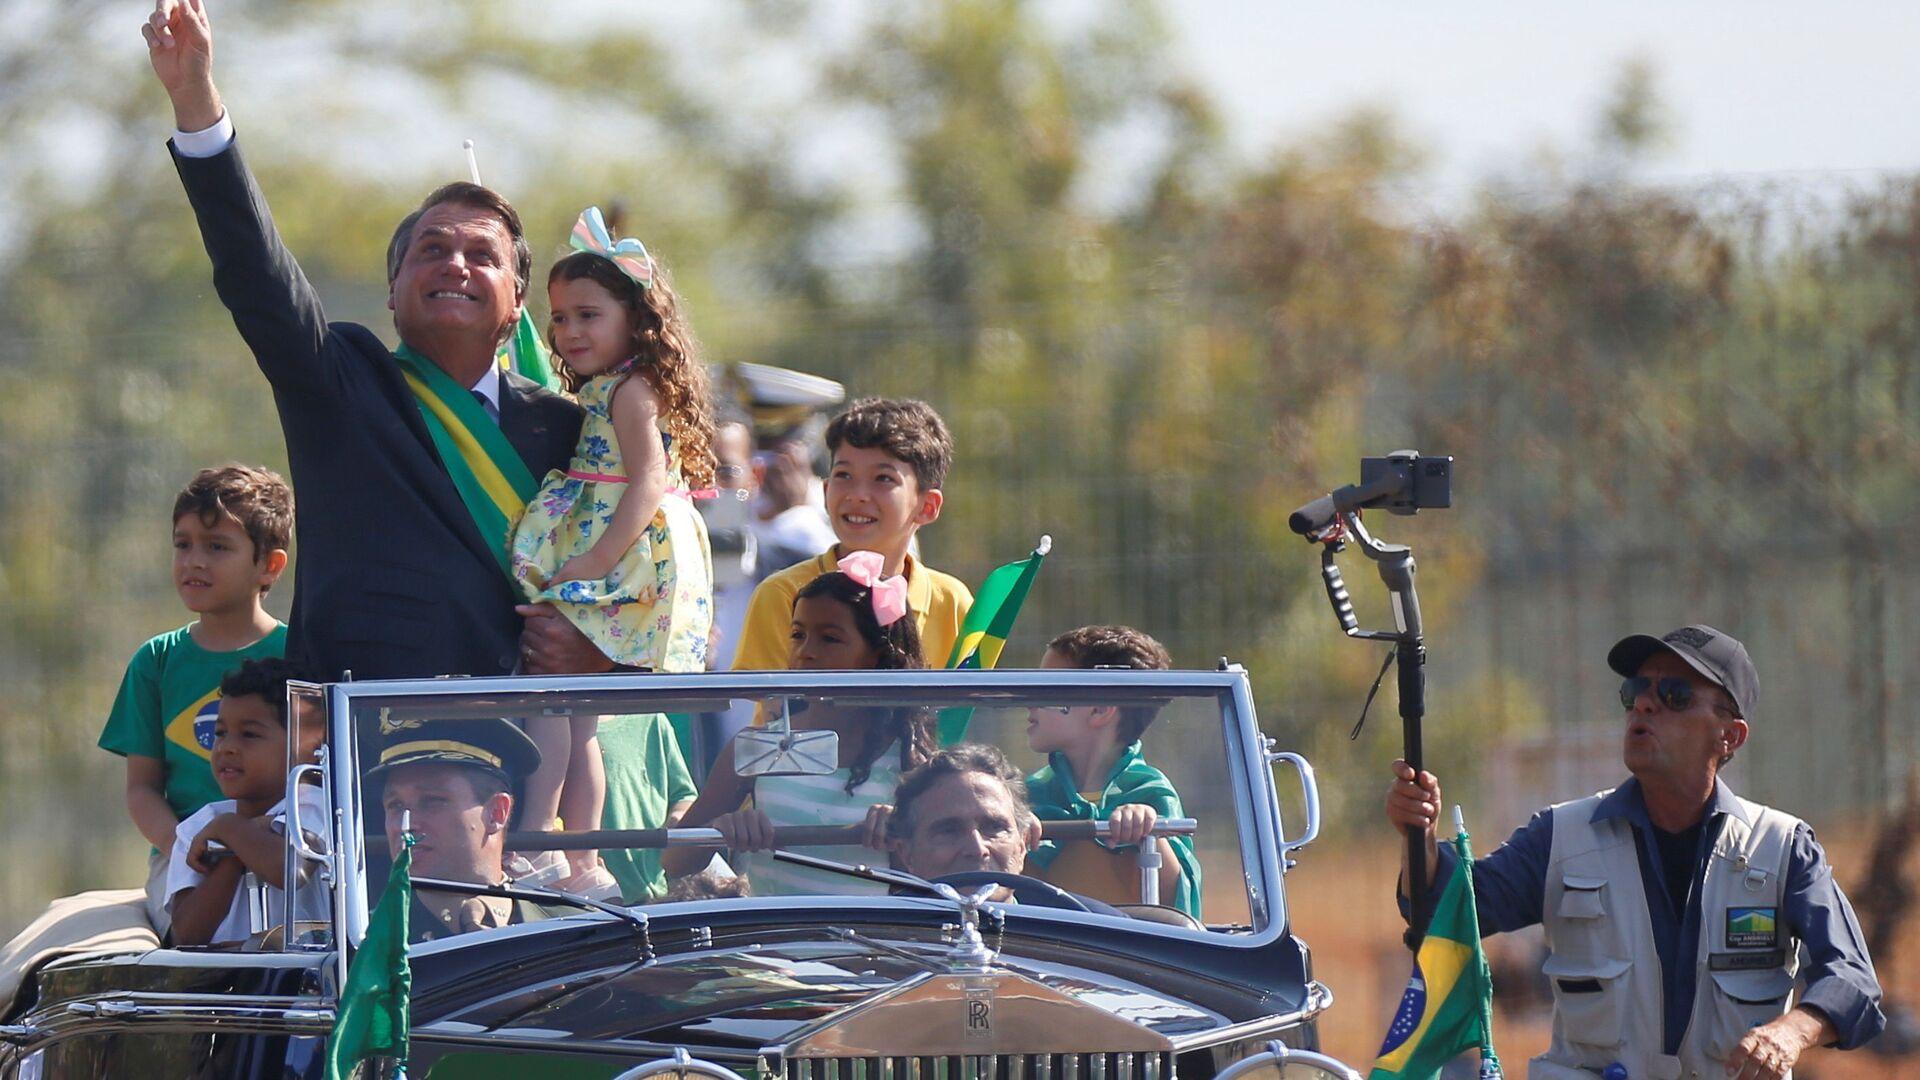 Prezident Brazílie Jair Bolsonaru - Sputnik Česká republika, 1920, 21.09.2021